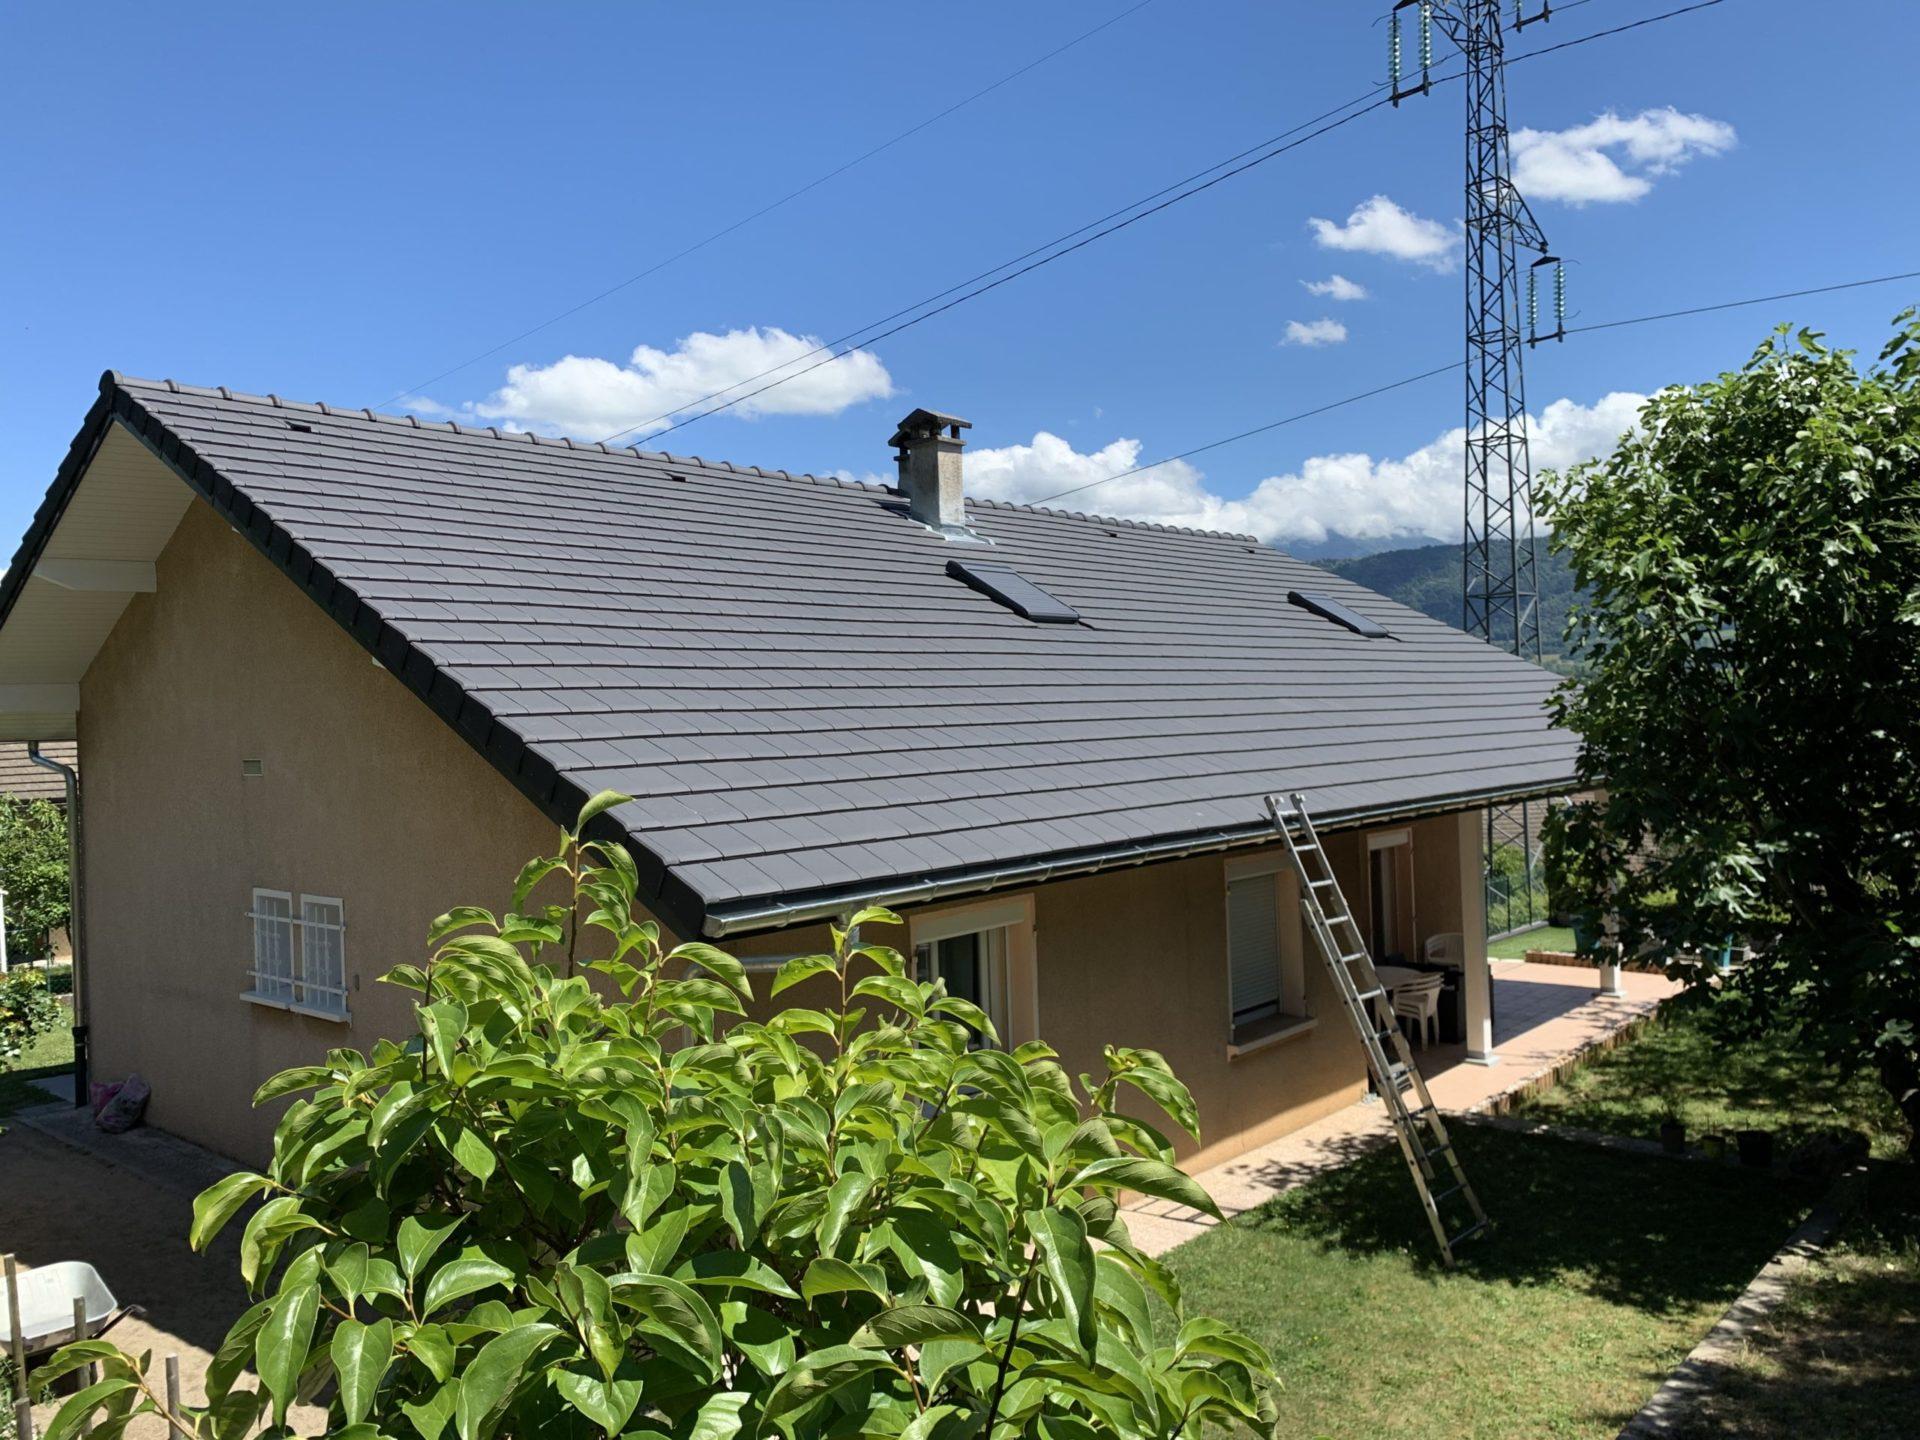 Rénovation de toiture de maison pose de tuiles terre cuite - Montmélian - 73